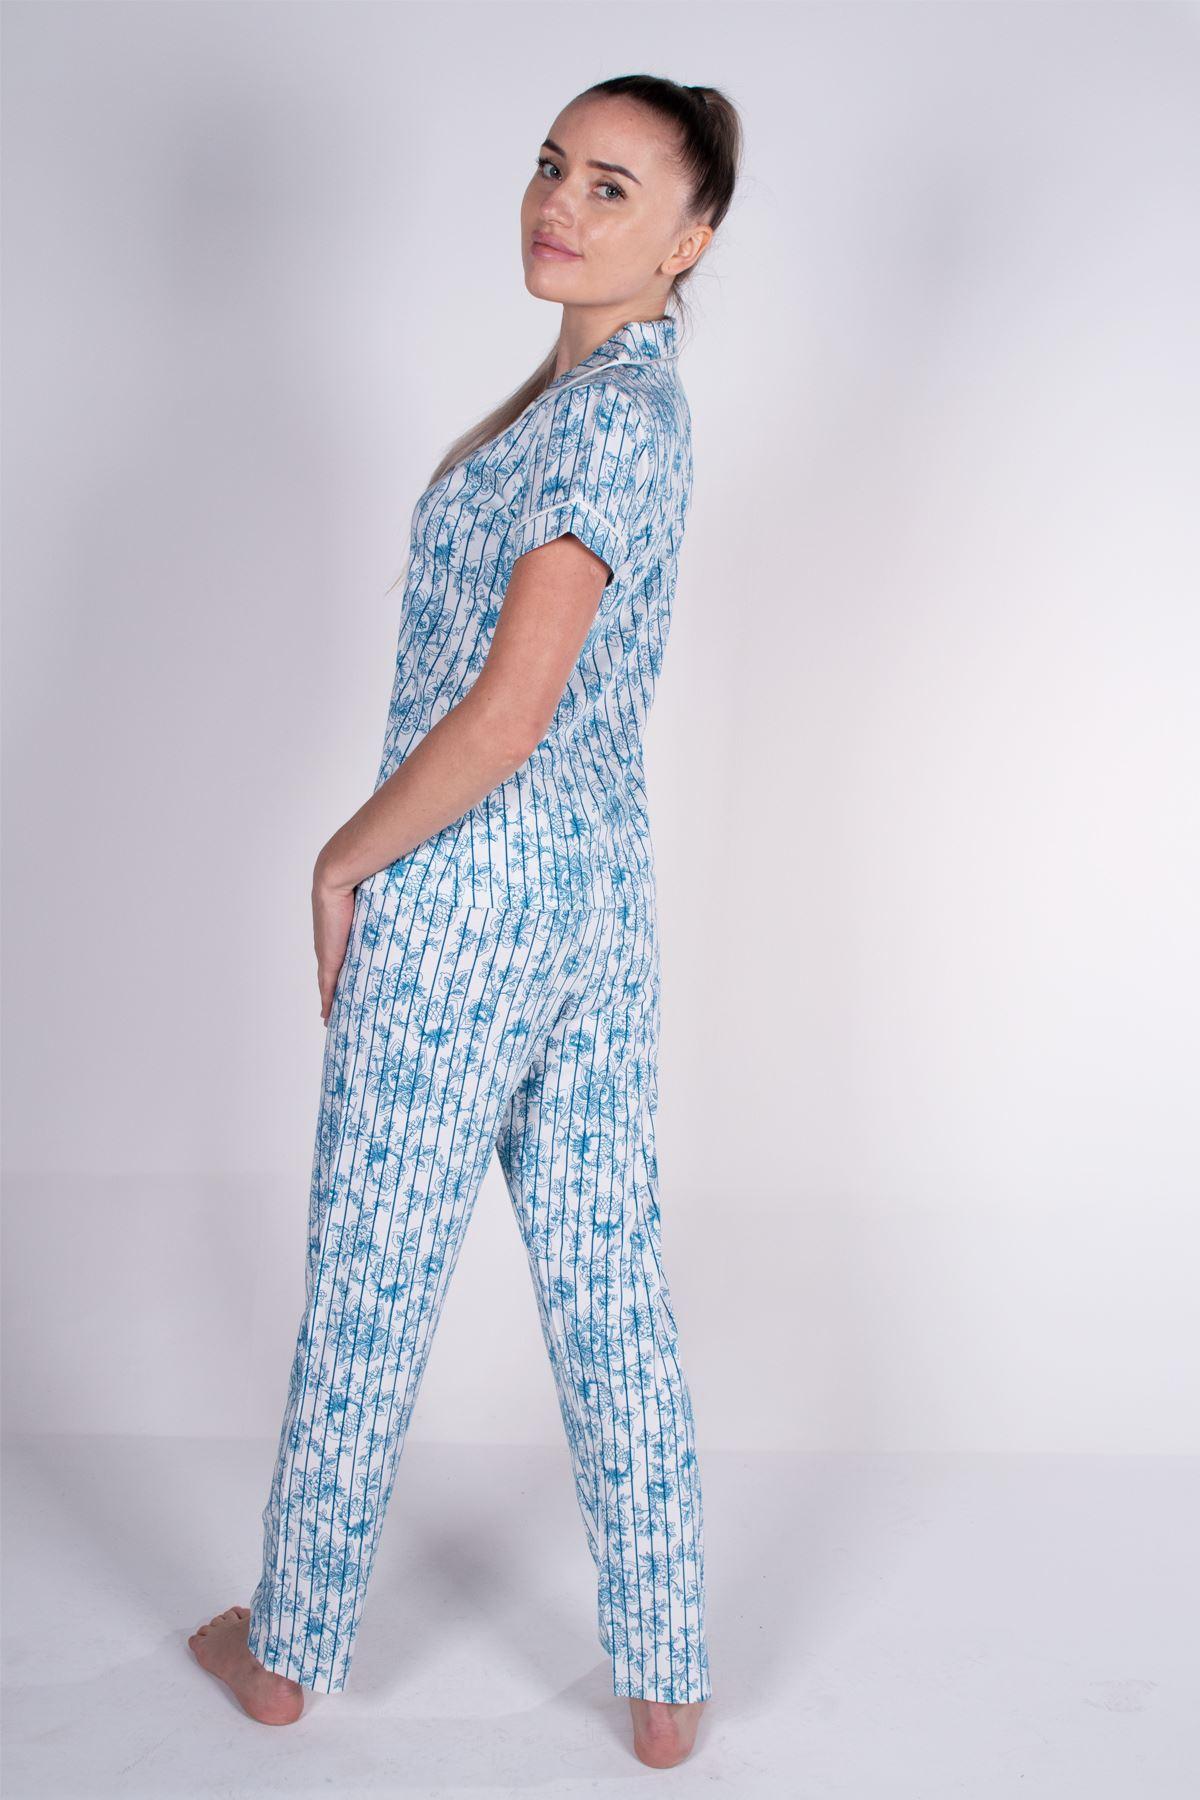 Malabadi Kadın Mavi Çizgili Düğmeli Likralı Modal Yazlık Pijama Takımı 5004